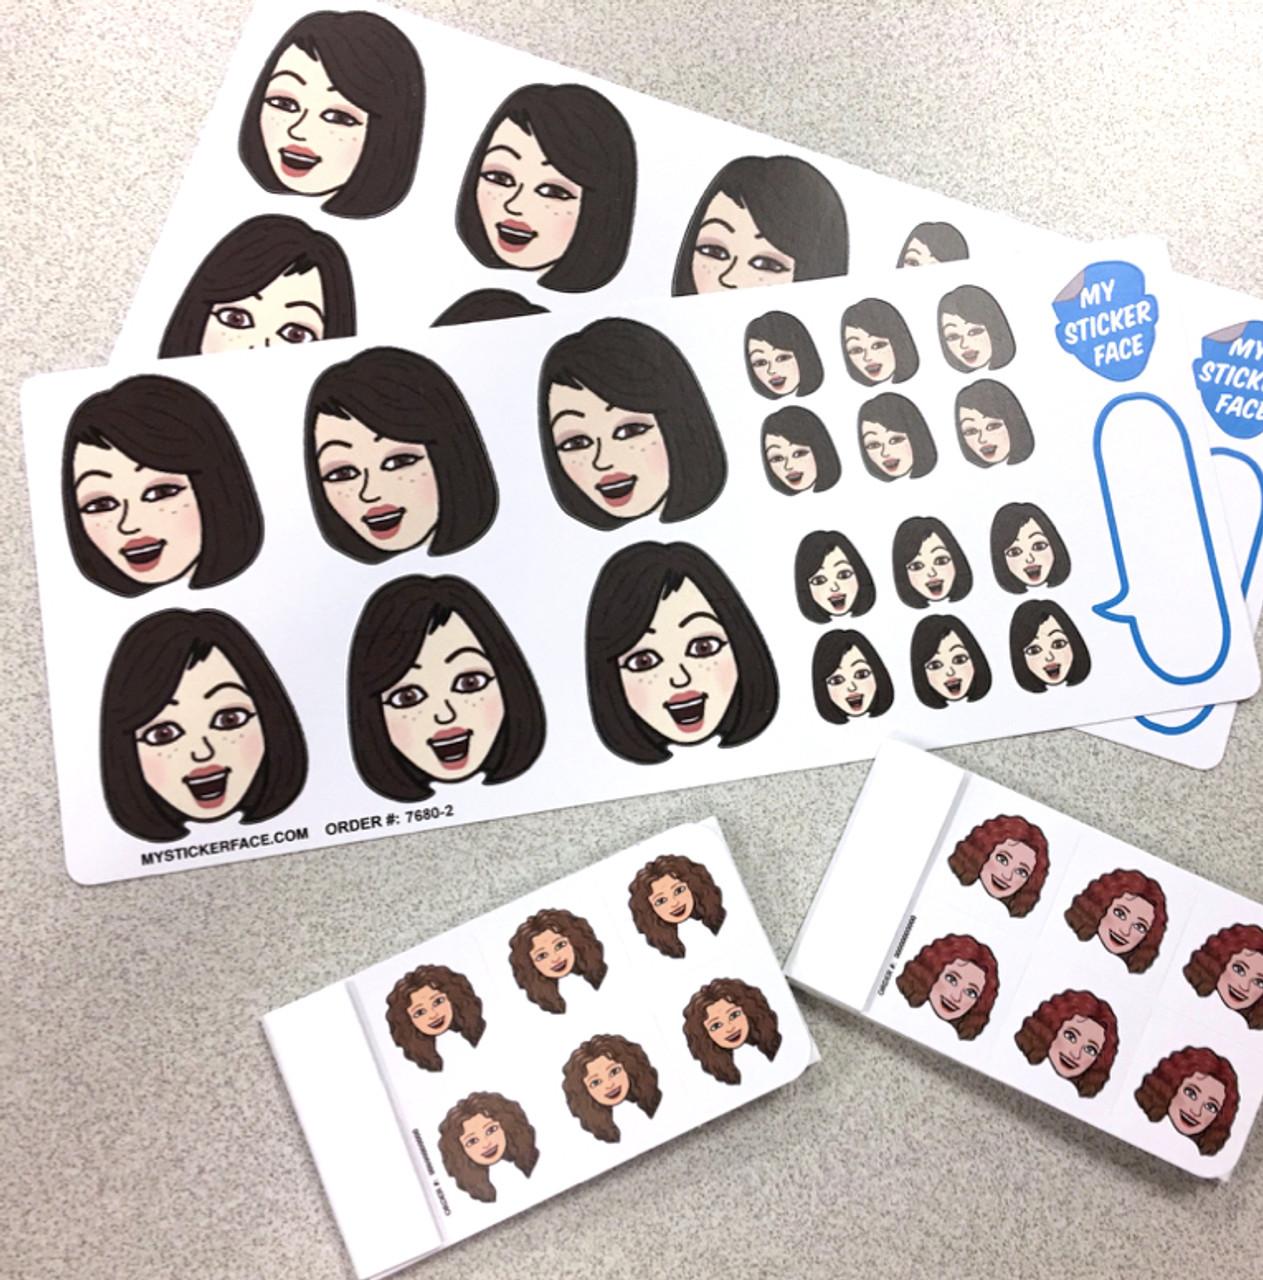 Bitmoji Sticker Faces